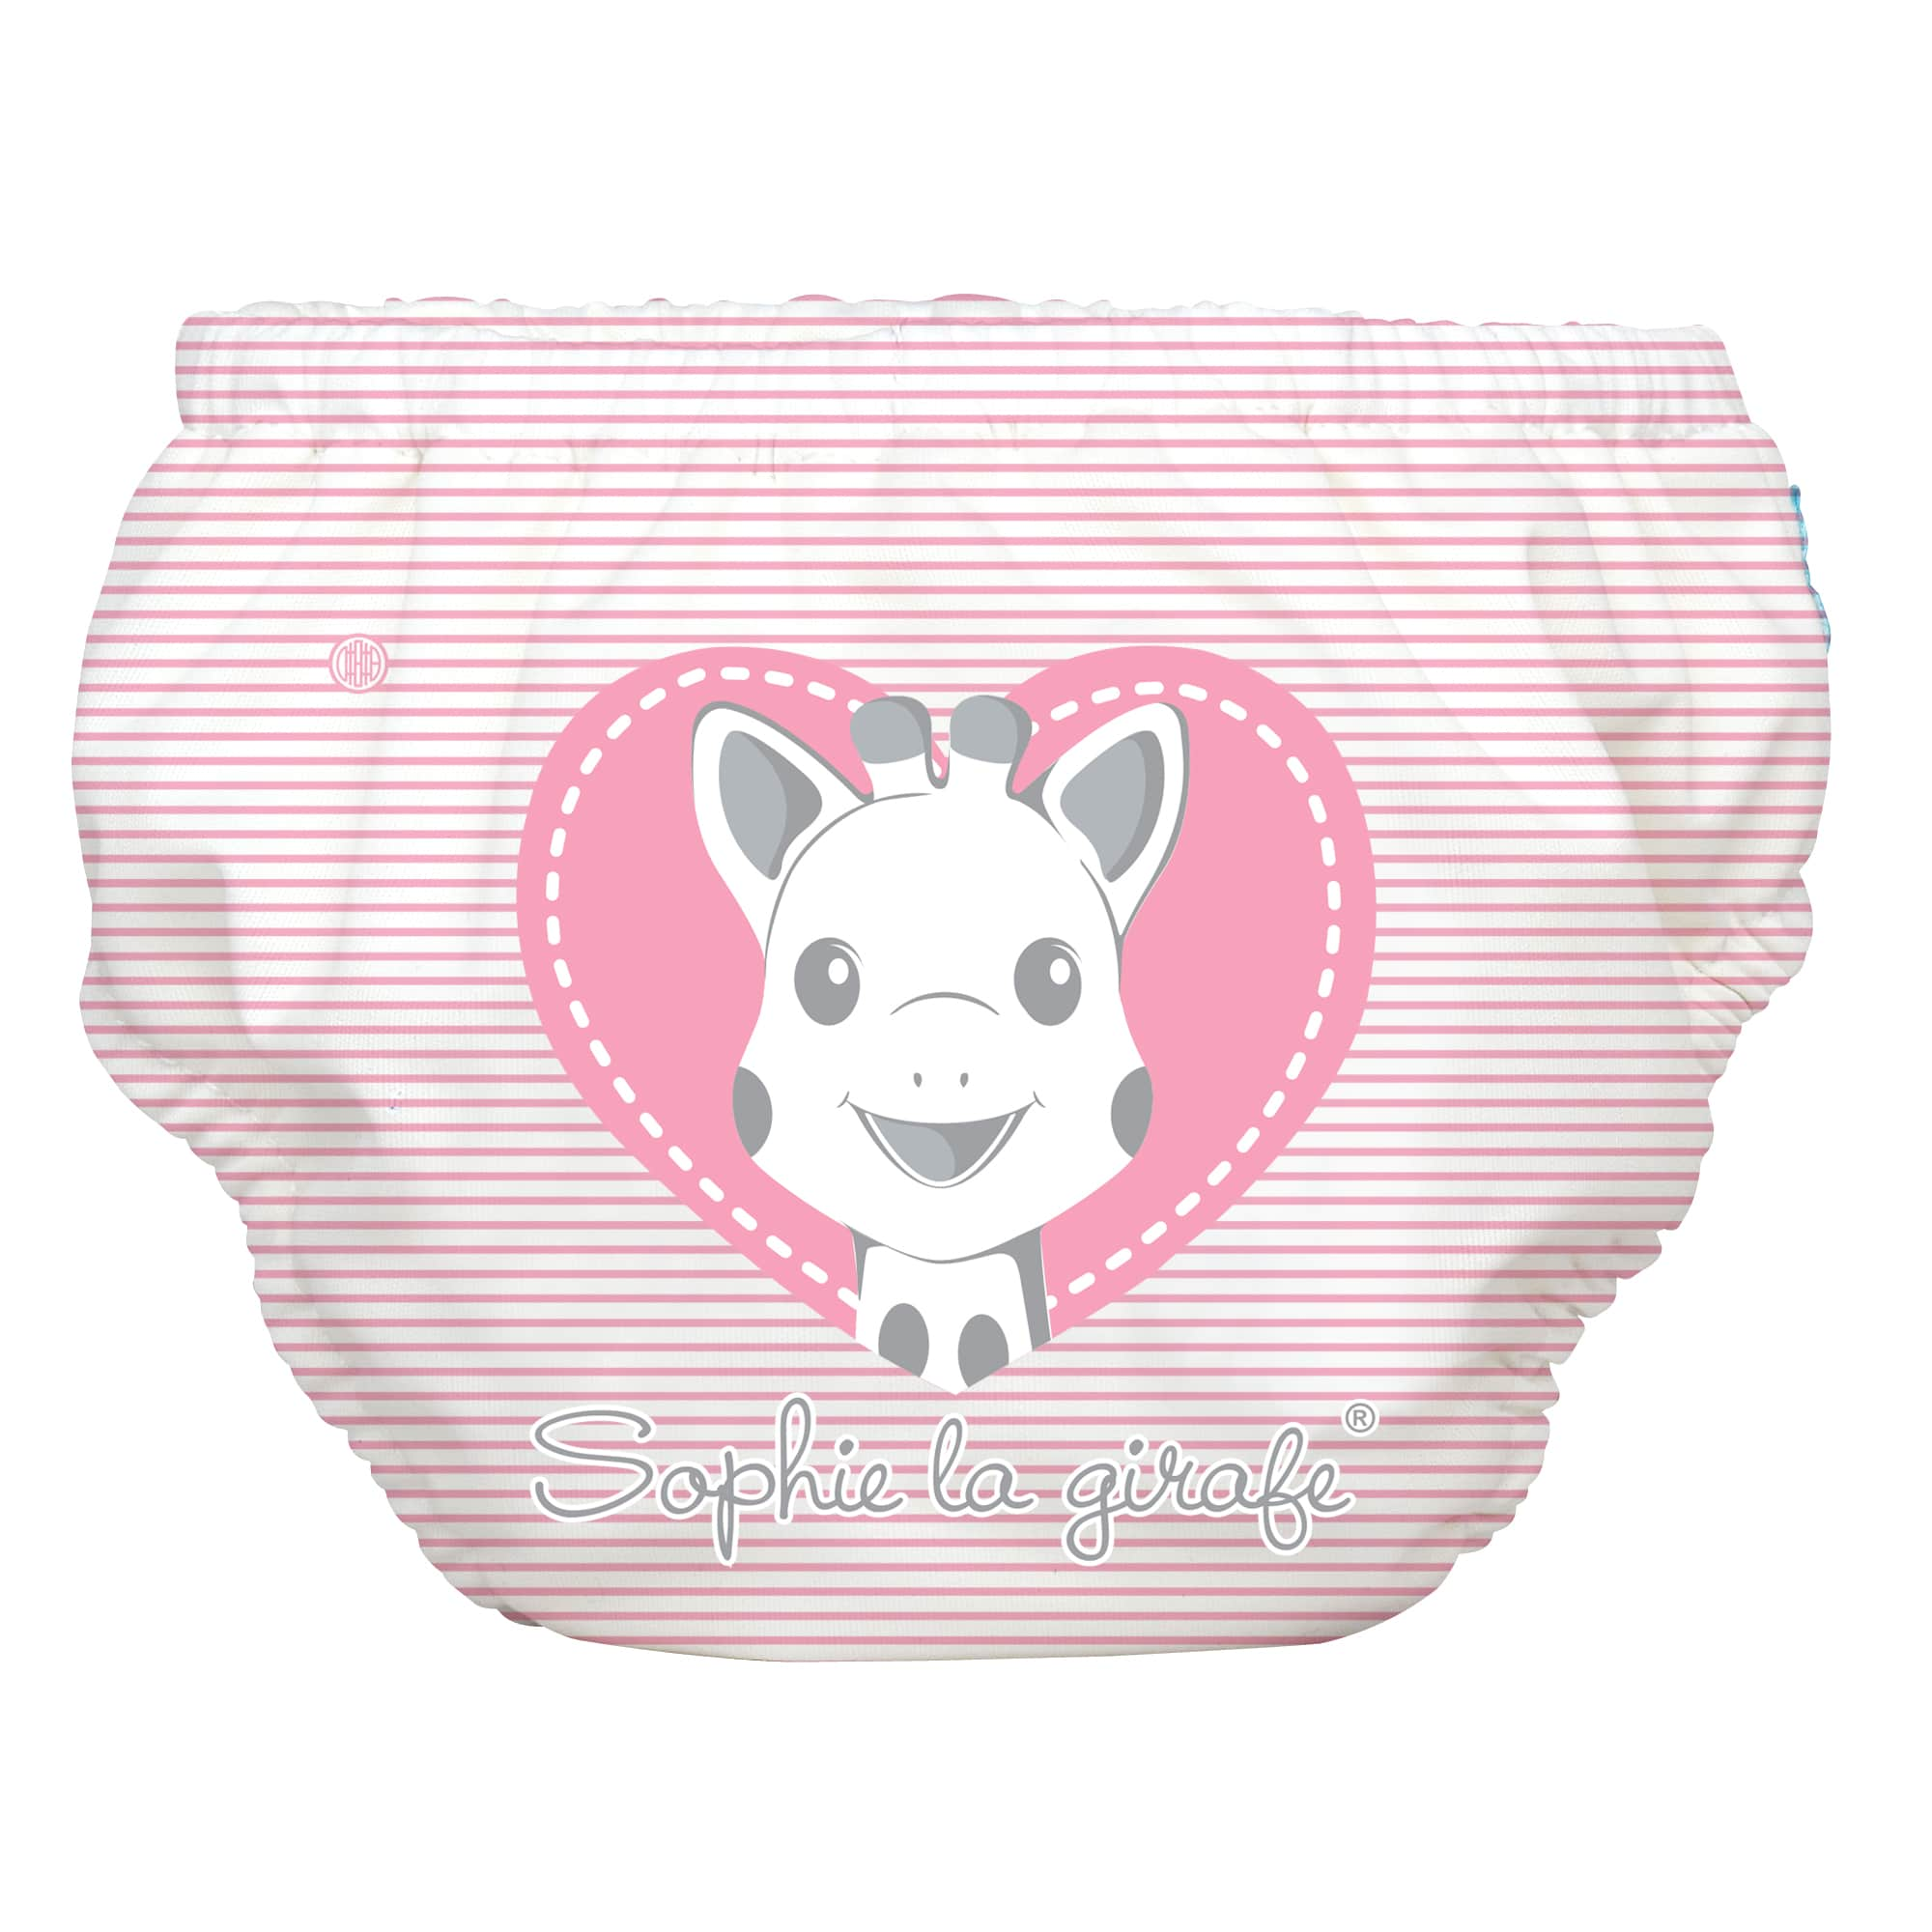 2-in-1 Schwimm- und Töpfchenhose Sophie Pencil Pink Heart